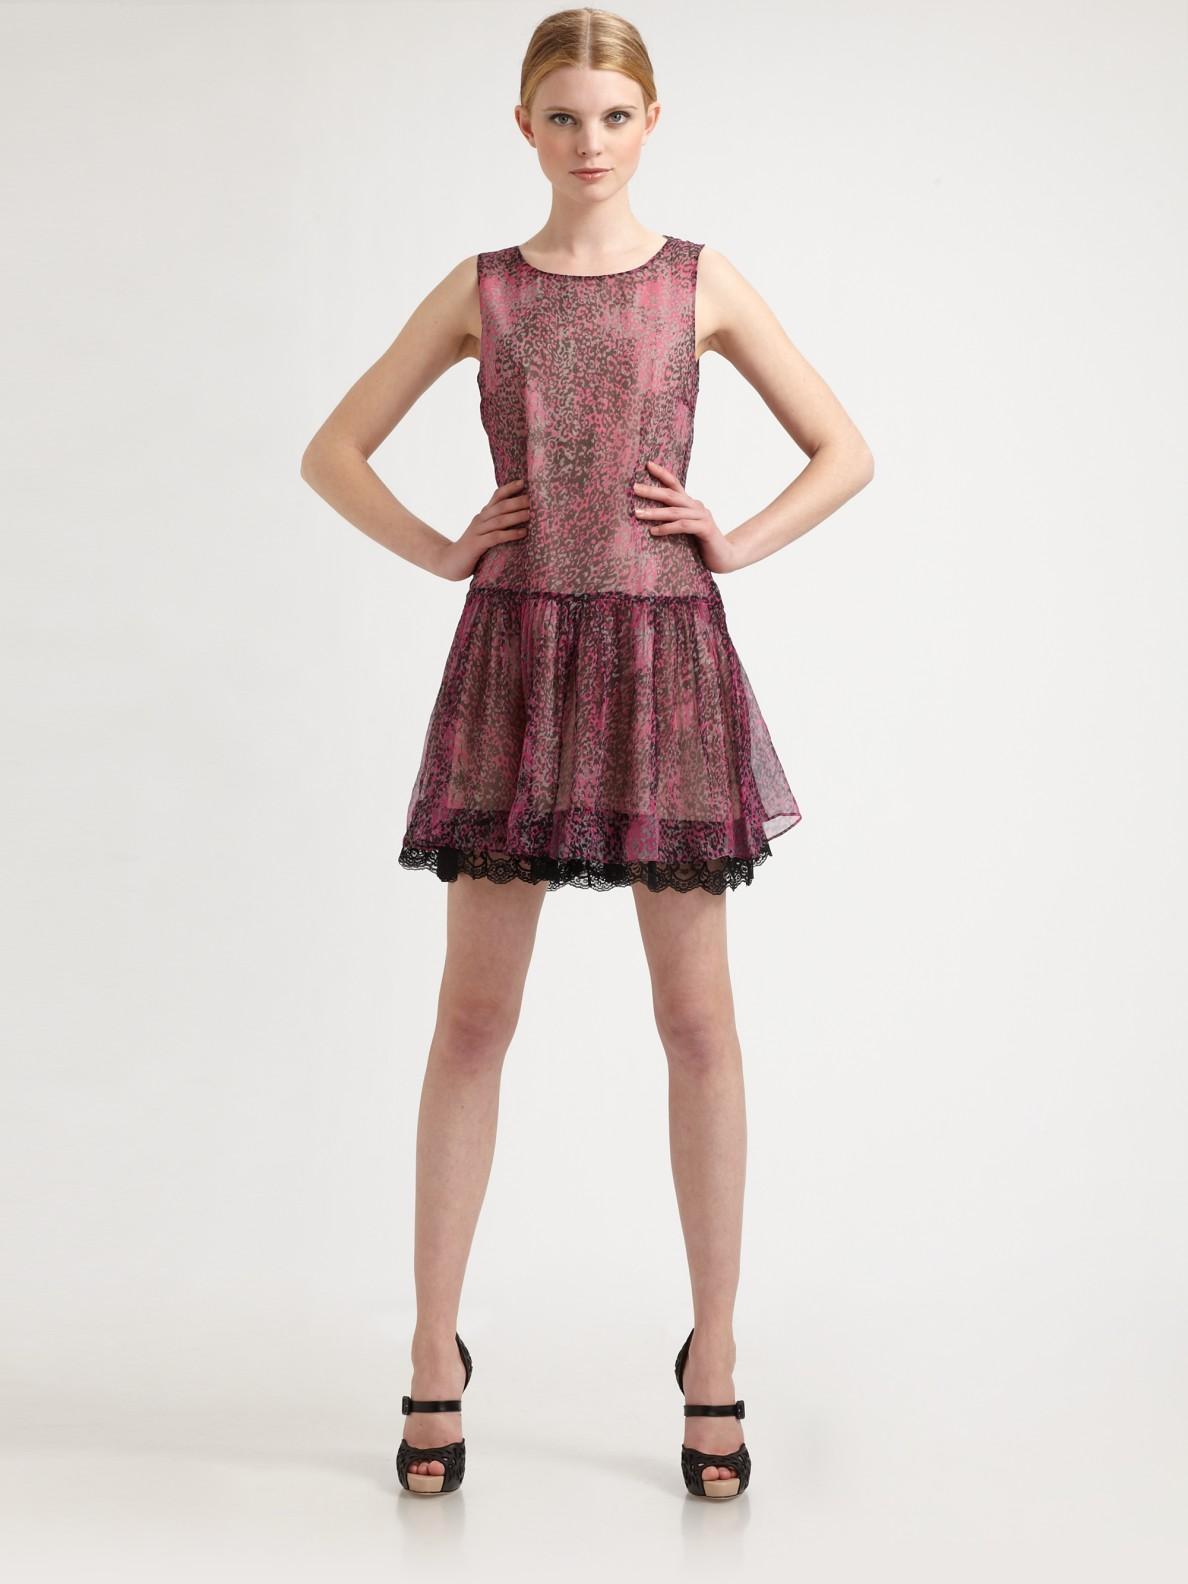 Lyst - RED Valentino Leopard Print Silk Dress in Pink ac34dfa0d